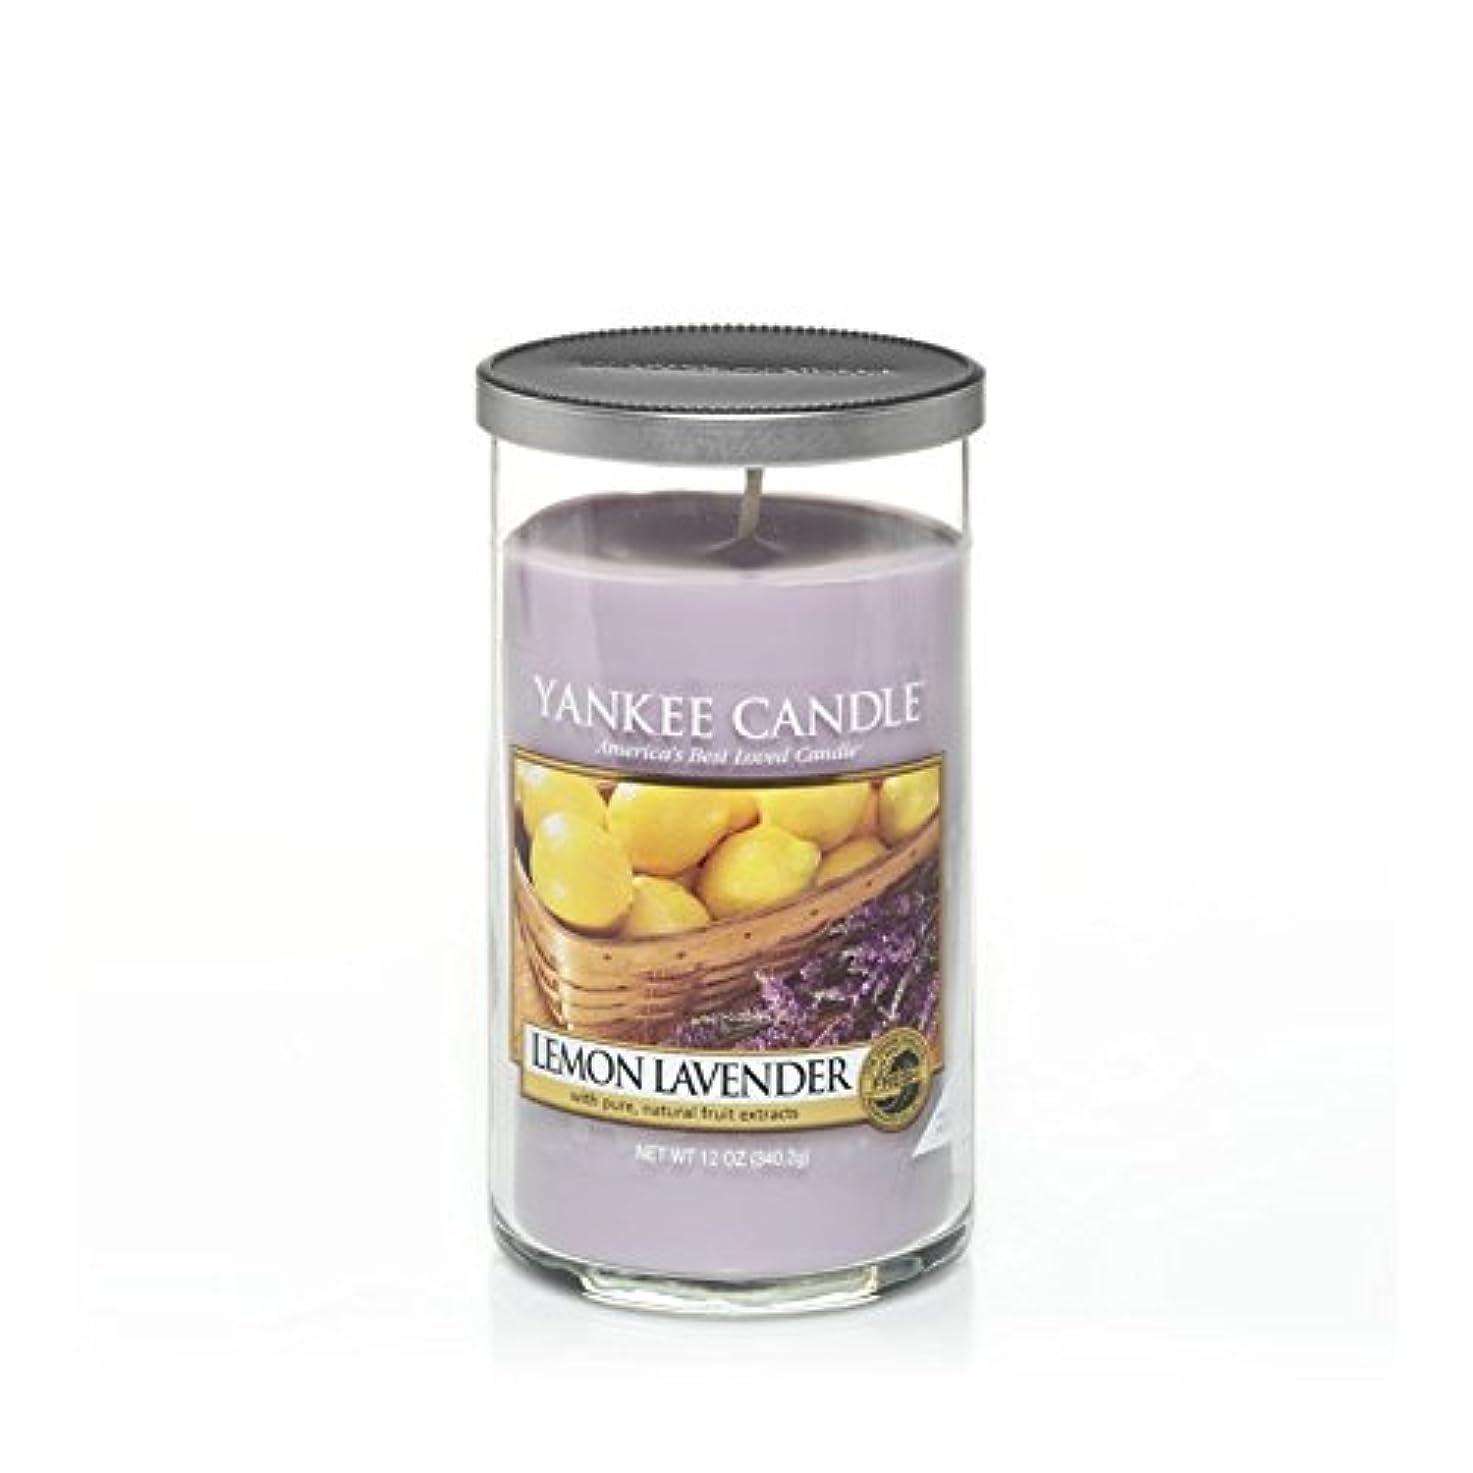 ボックス立ち向かう自我Yankee Candles Medium Pillar Candle - Lemon Lavender (Pack of 2) - ヤンキーキャンドルメディアピラーキャンドル - レモンラベンダー (x2) [並行輸入品]